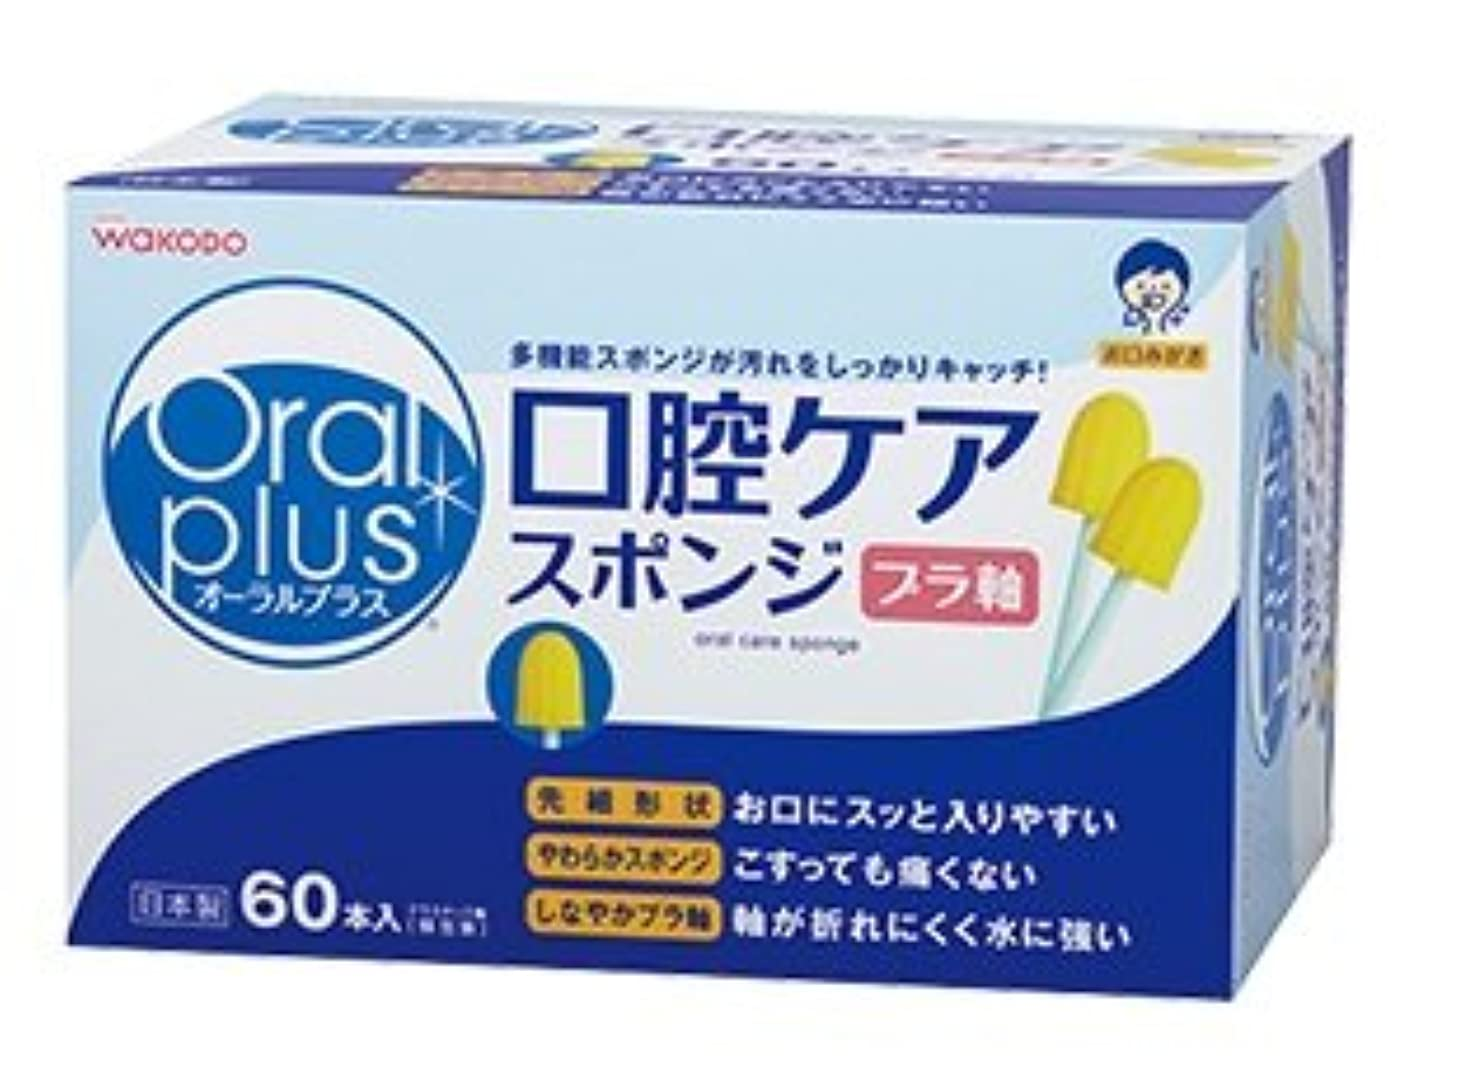 以降厳ブラウズオーラルプラス 口腔ケアスポンジブラシ C14 1ケース(60本×12個入)